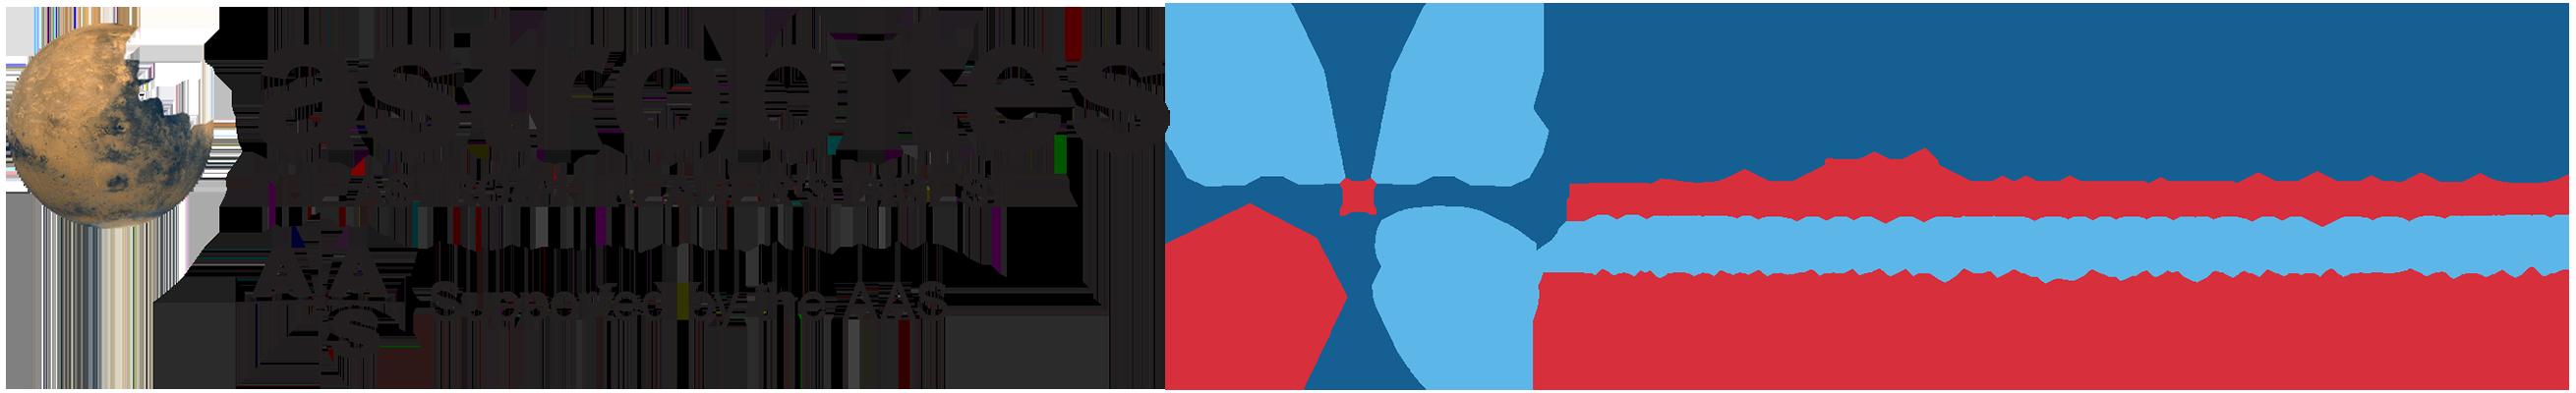 Astrobites AAS 231